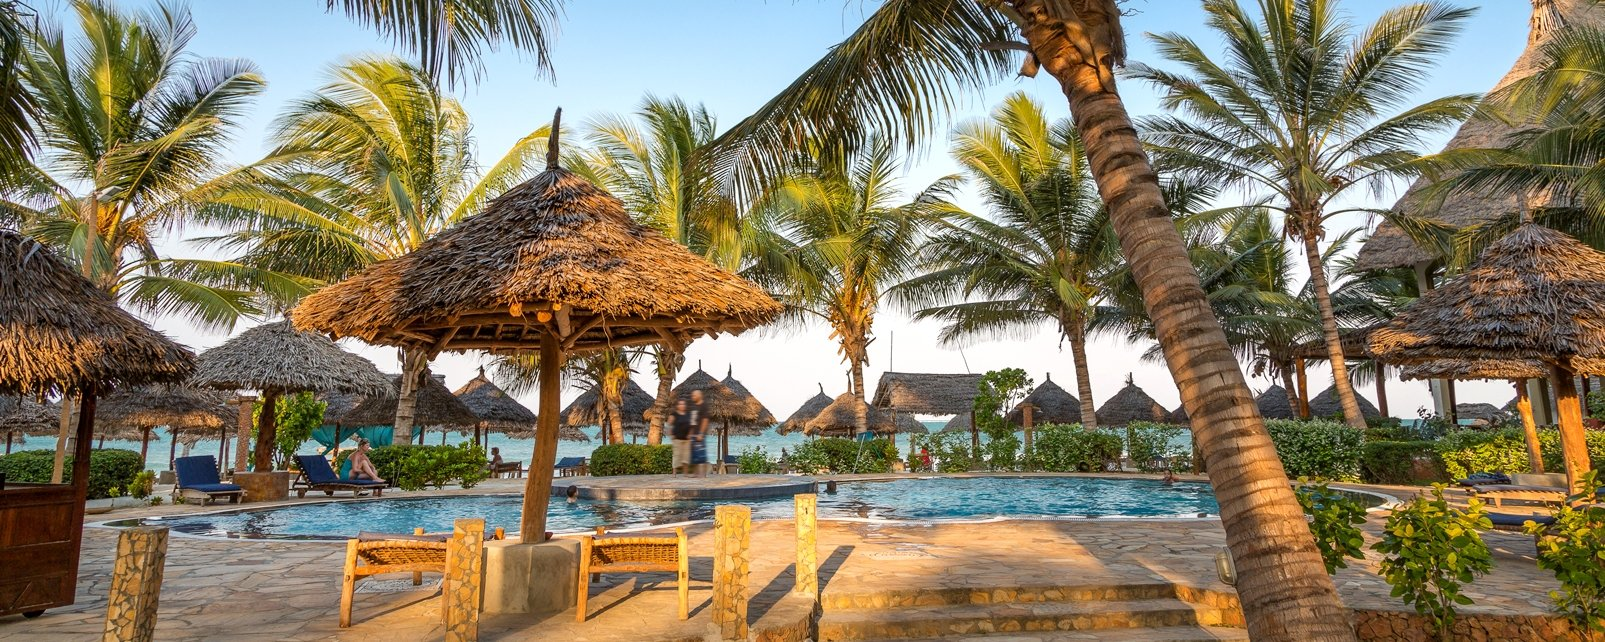 Kappa Club Waridi Beach Resort & Spa 4*